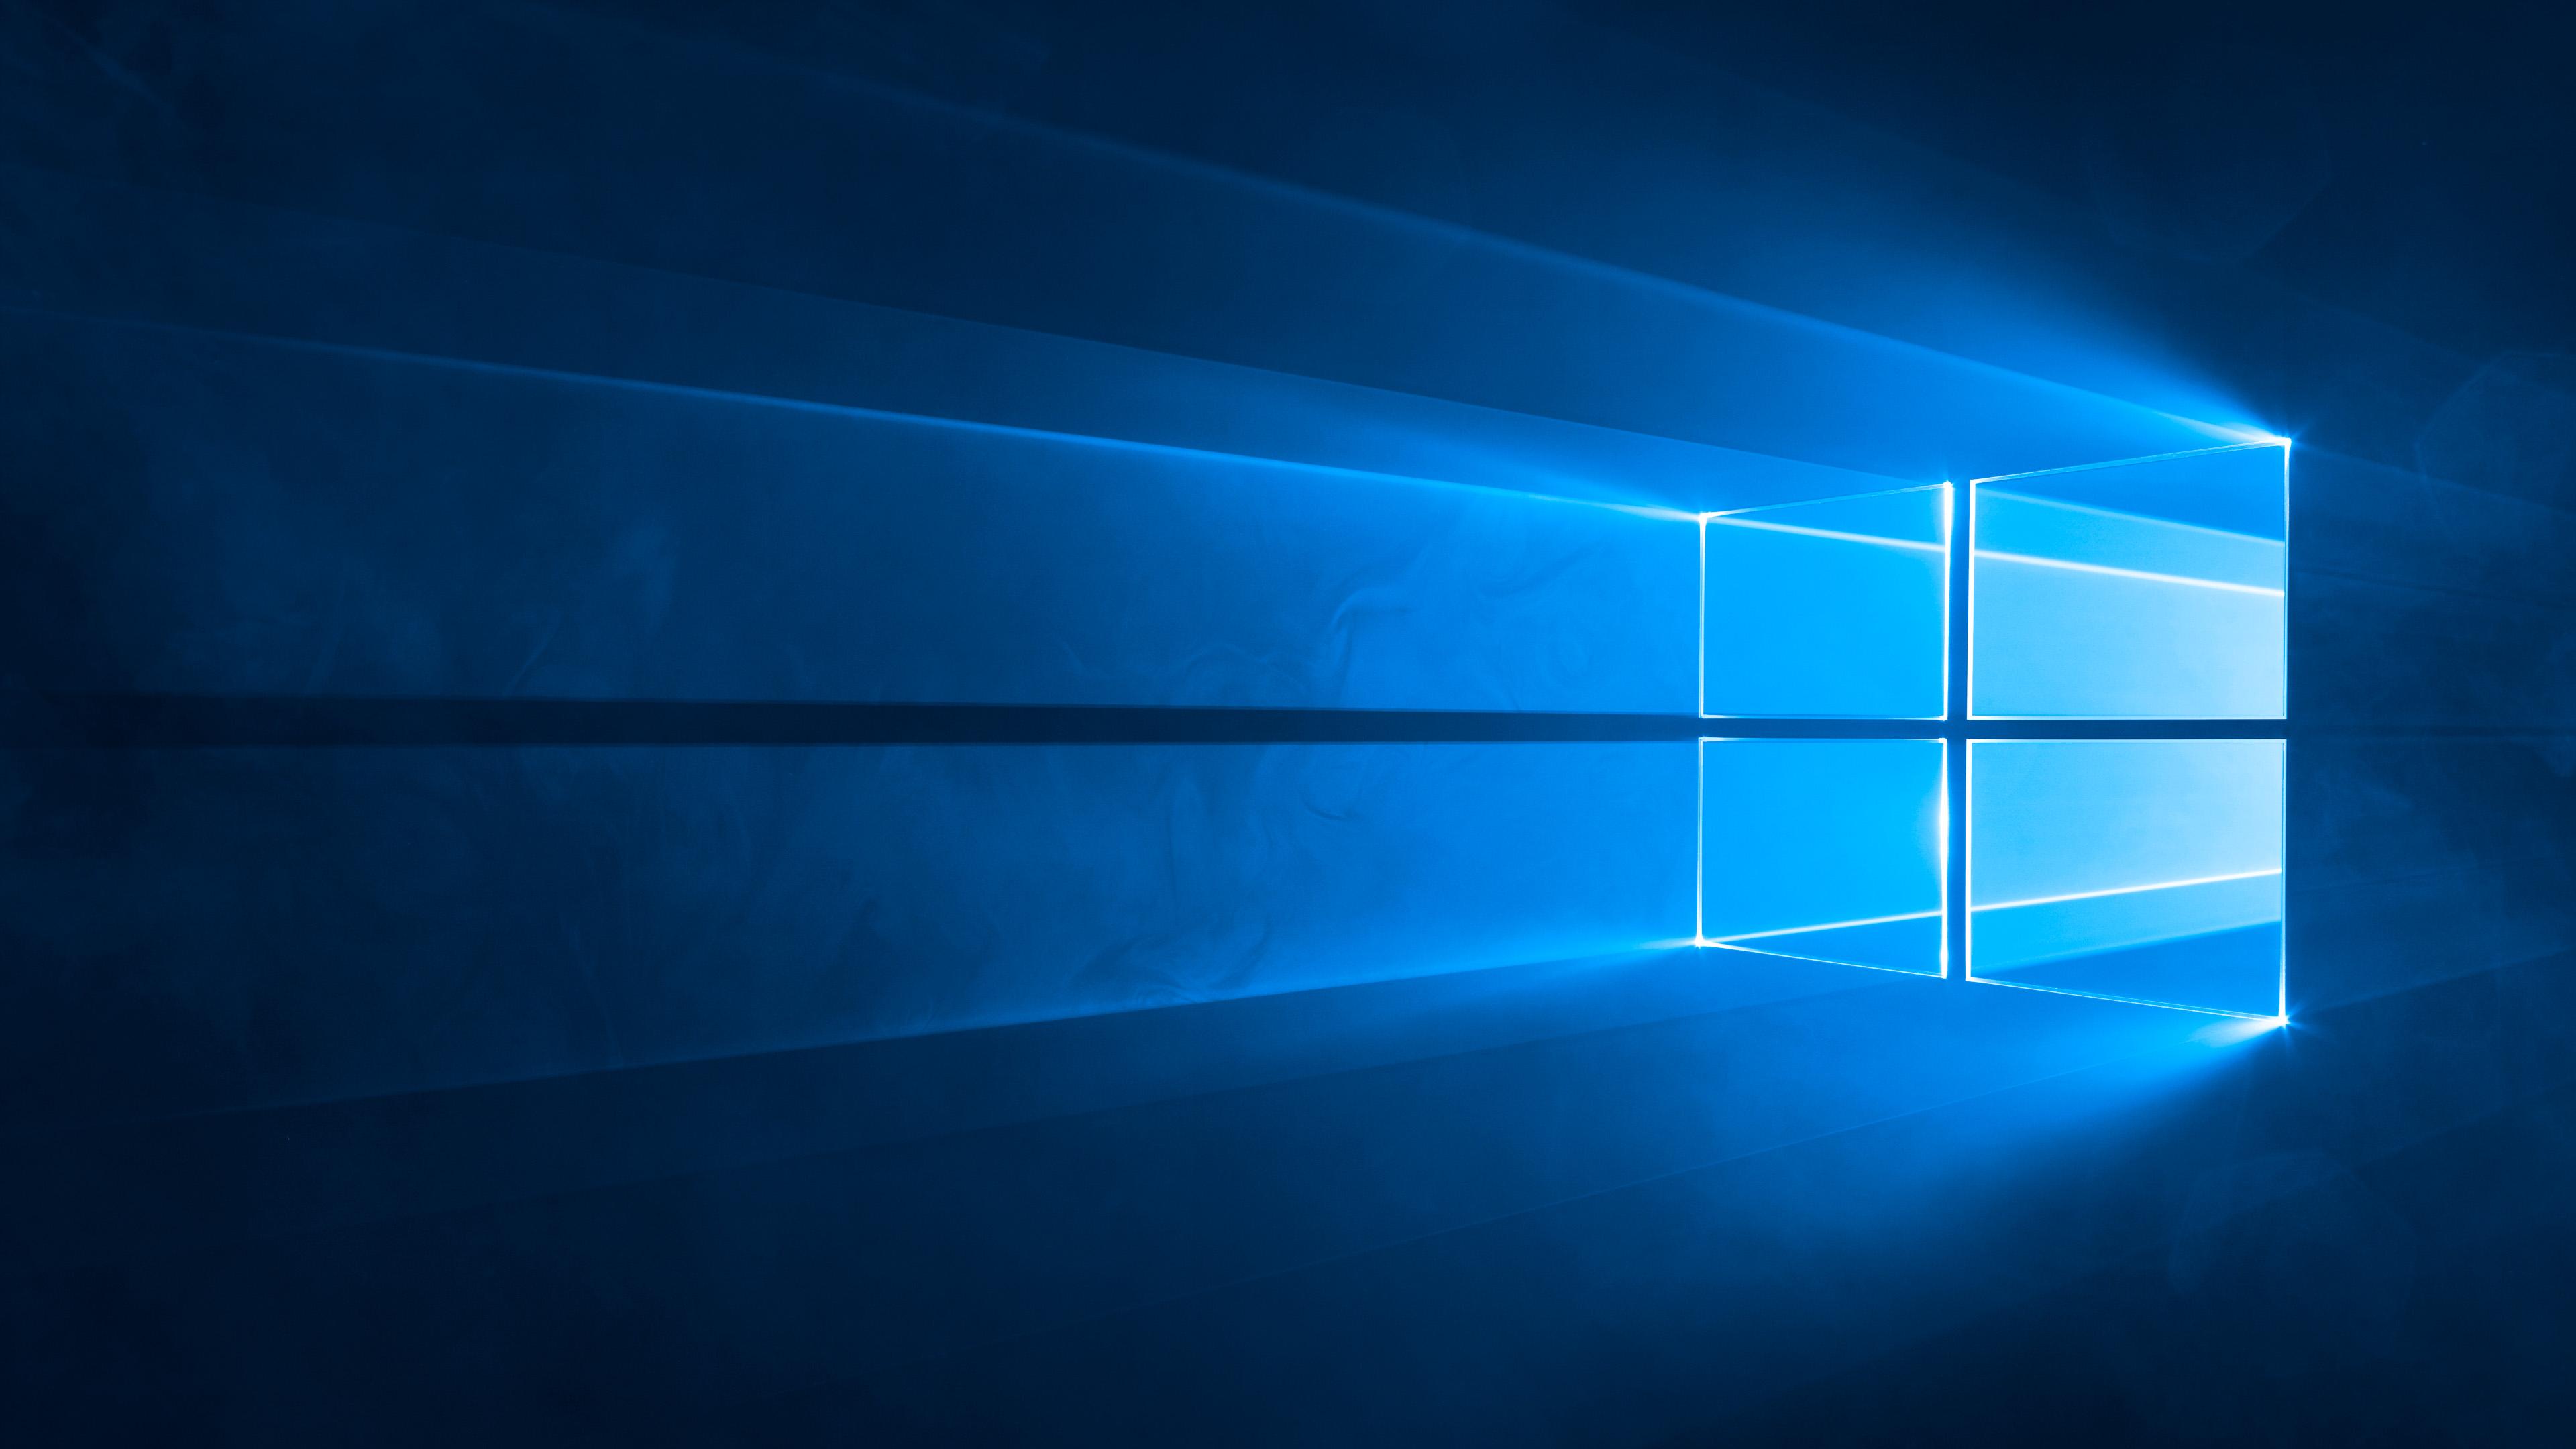 Download Game Dota 2 Windows Xp